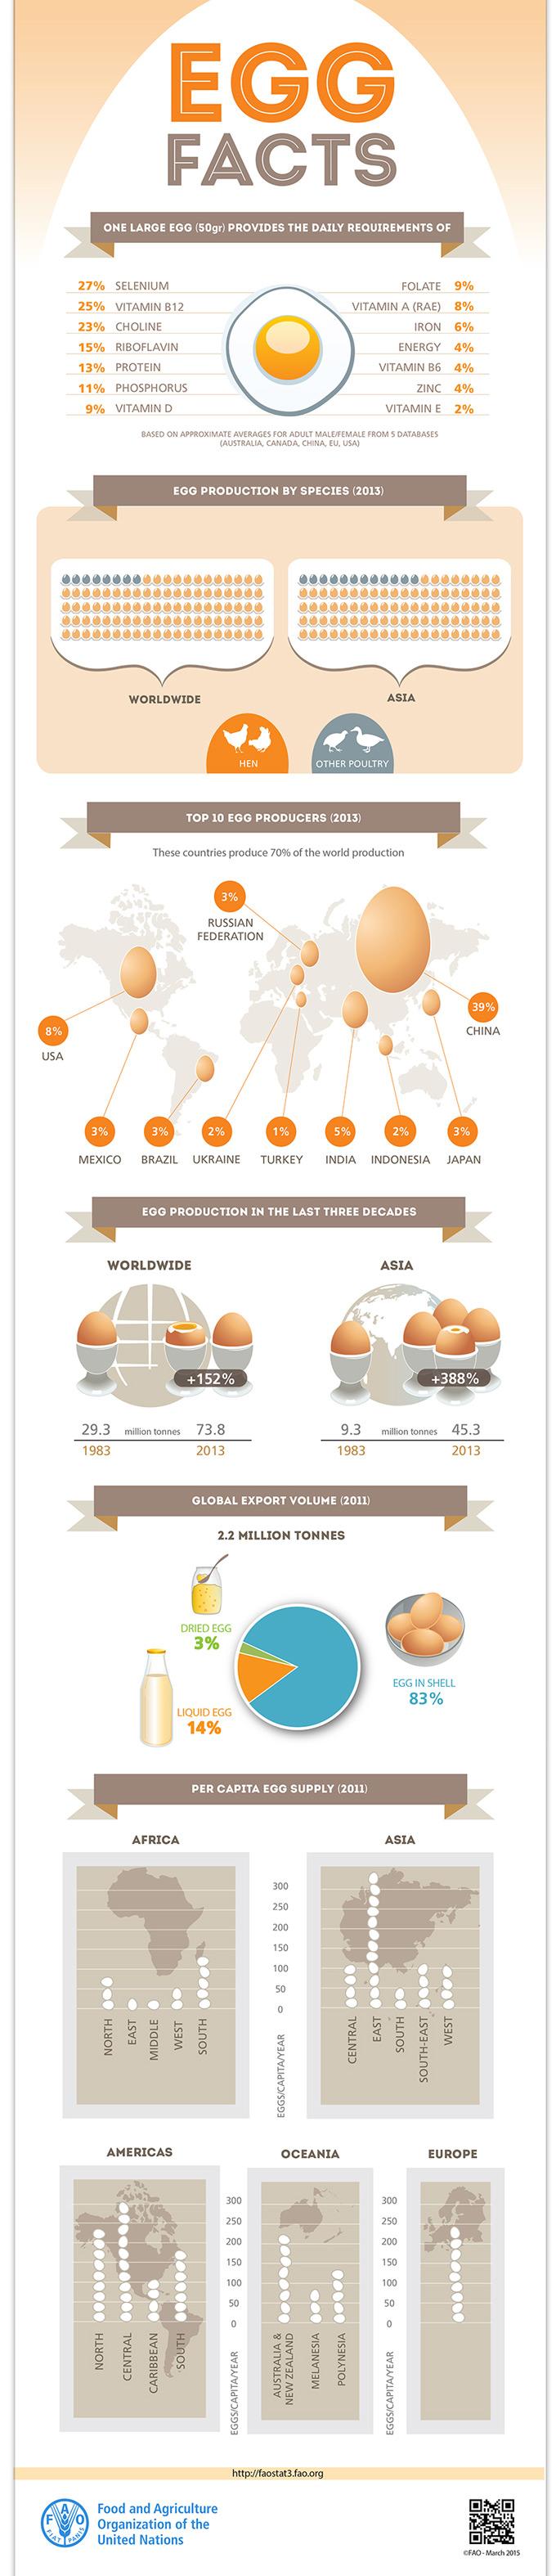 Consumo de huevos en el mundo